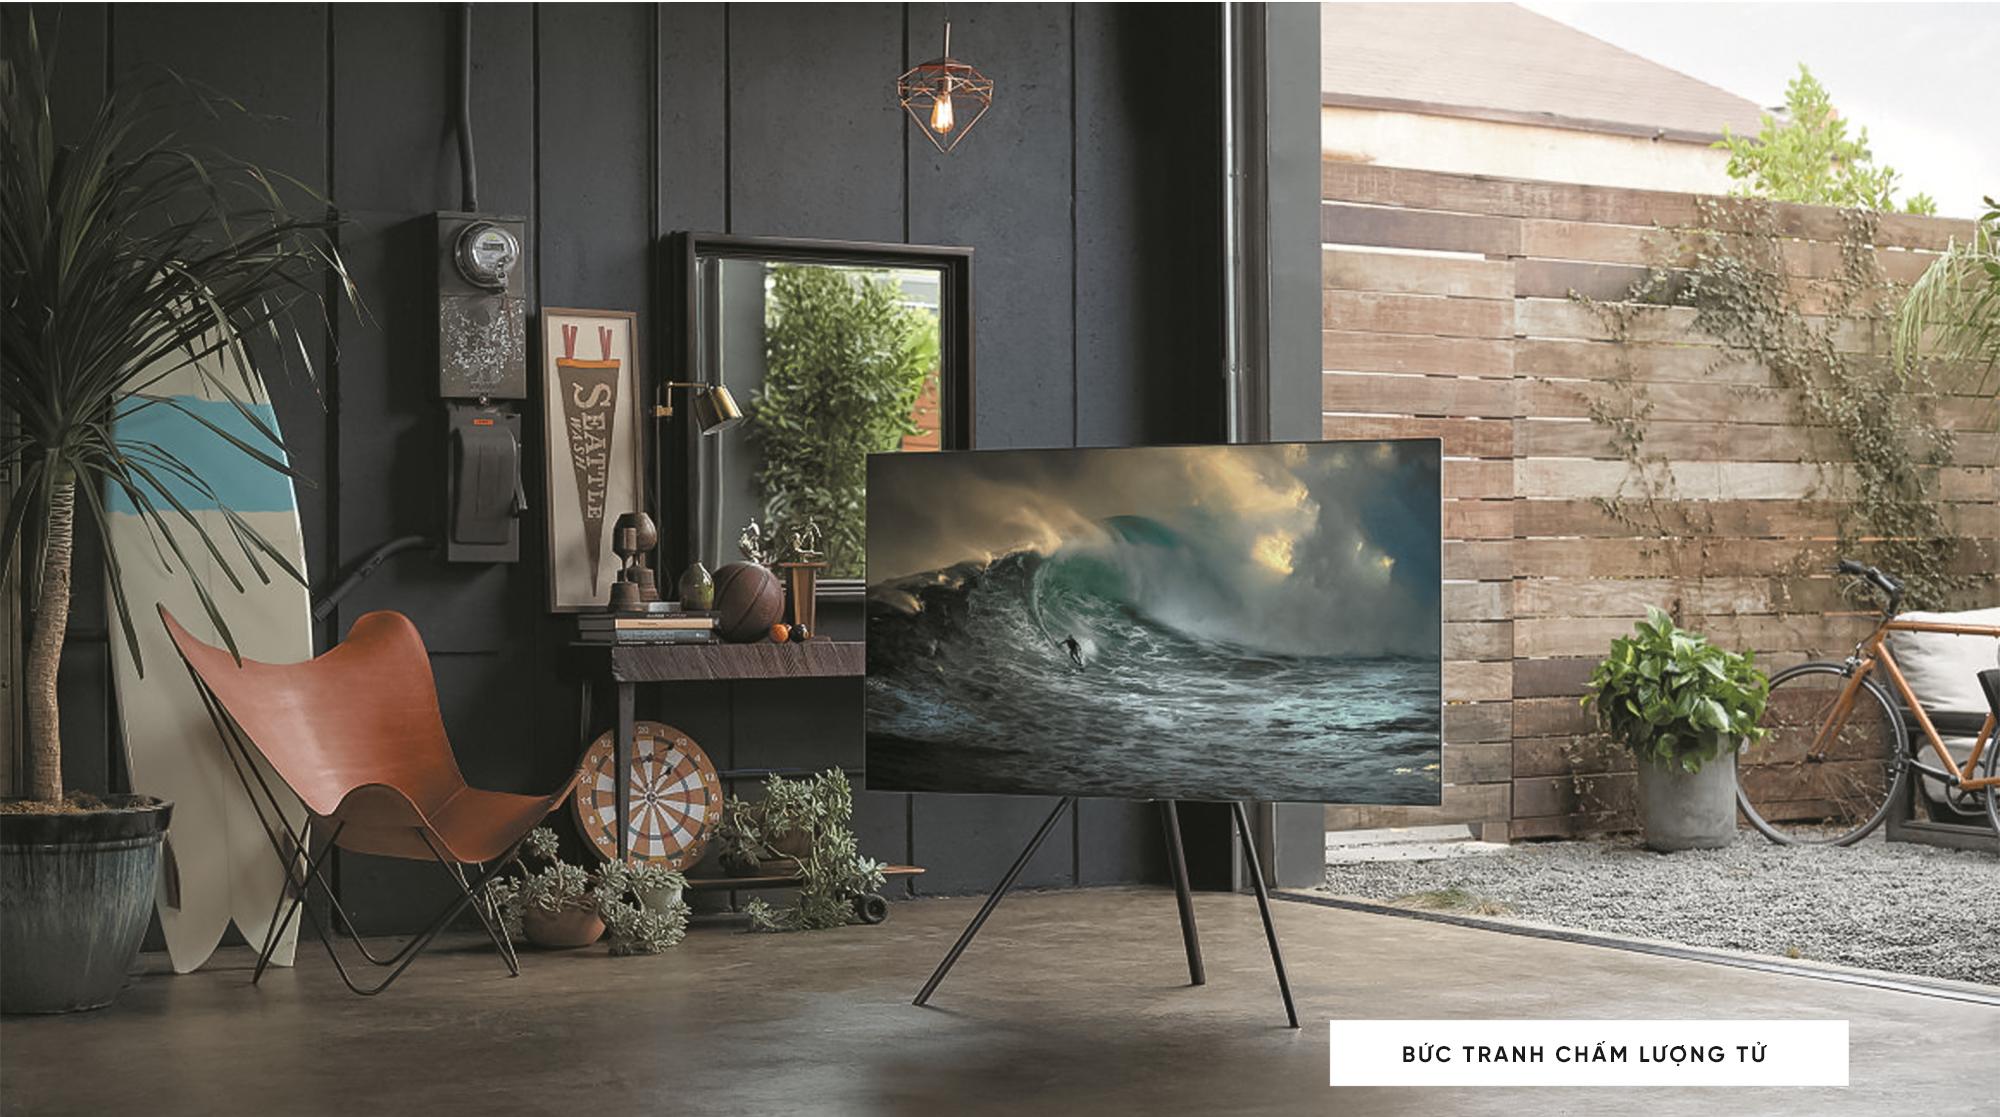 QLED 2018: Từ chiếc điều khiển và... dây nối đến chân lý về cái đẹp của Samsung - Ảnh 3.